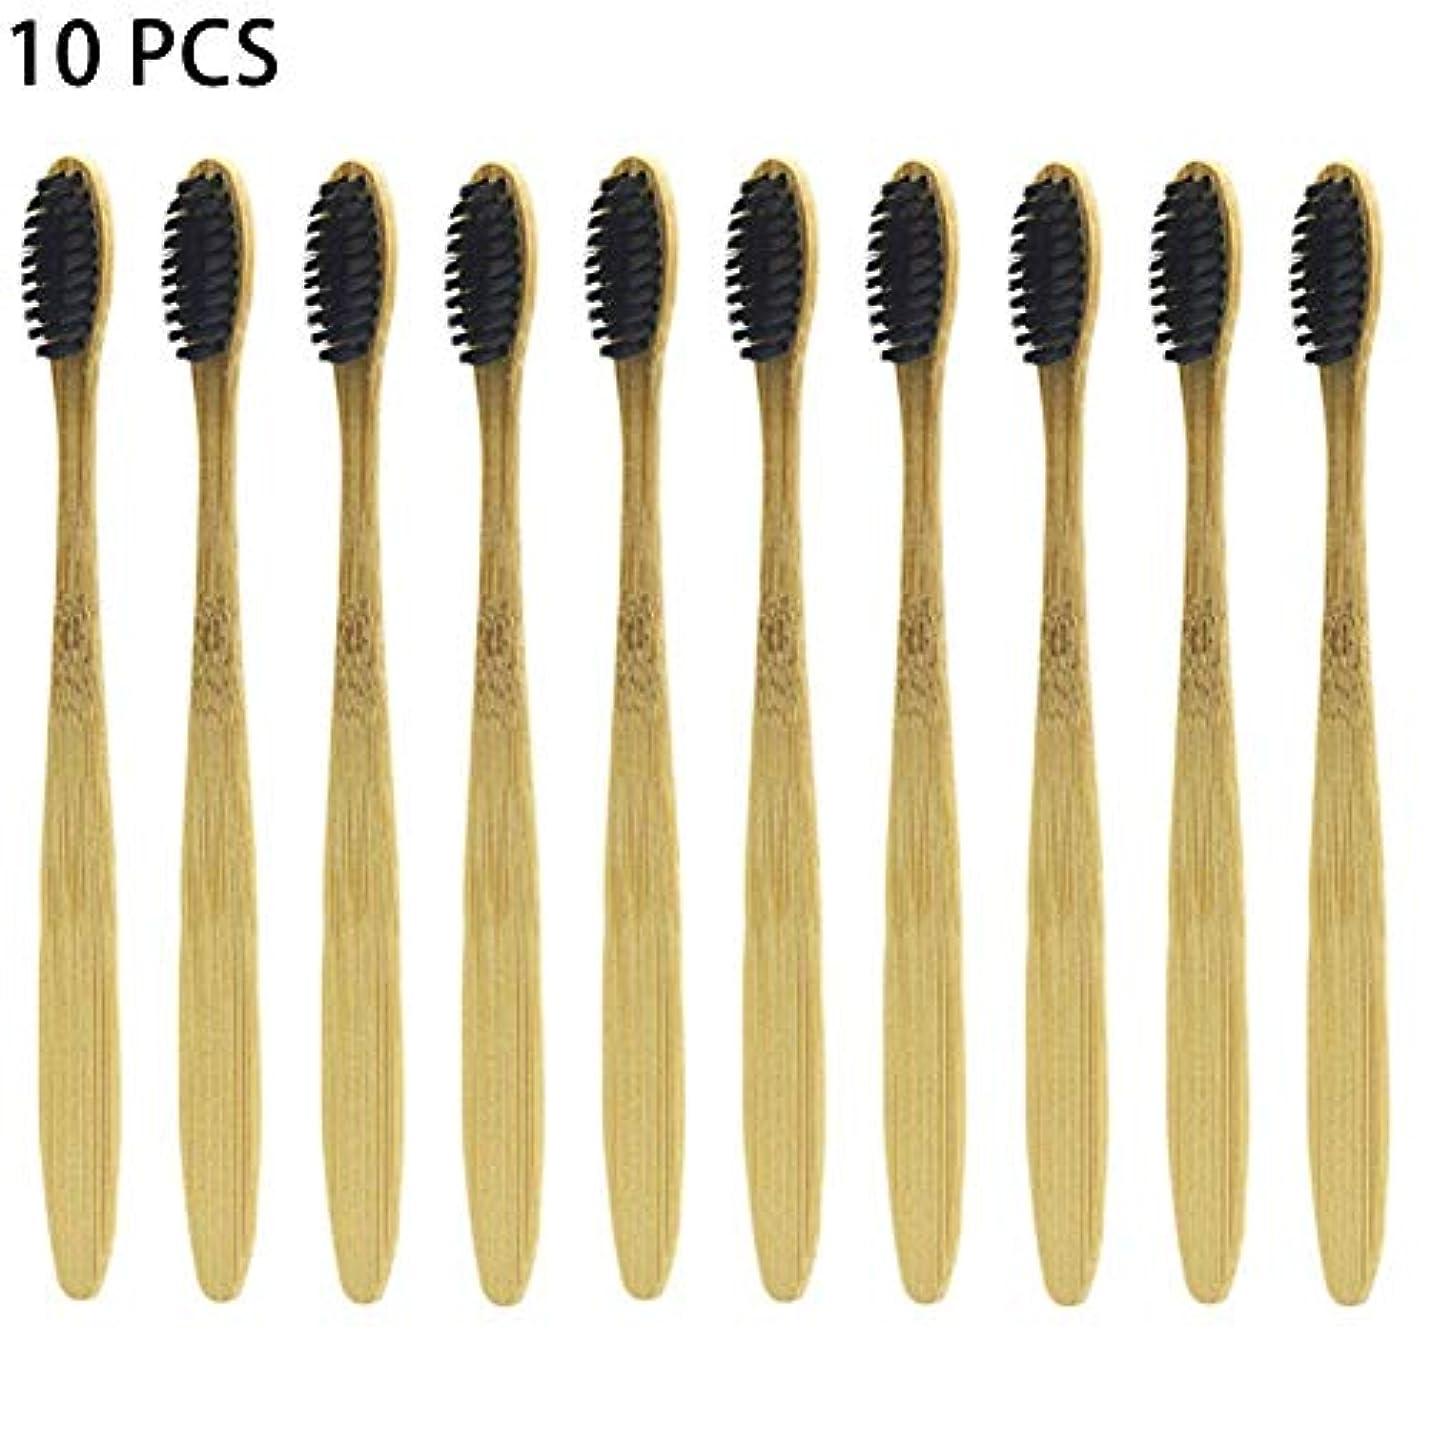 良心的確かに軌道snowflake 歯ブラシ 10 PCS 竹歯ブラシ やわらかめ 超コンパクト 環境に優しい ソフトブレスト 清潔 軽量 携帯便利 旅行出張に最適 家族用 密度が多い 黒、カーキ 18 cm(ブラック) first-rate